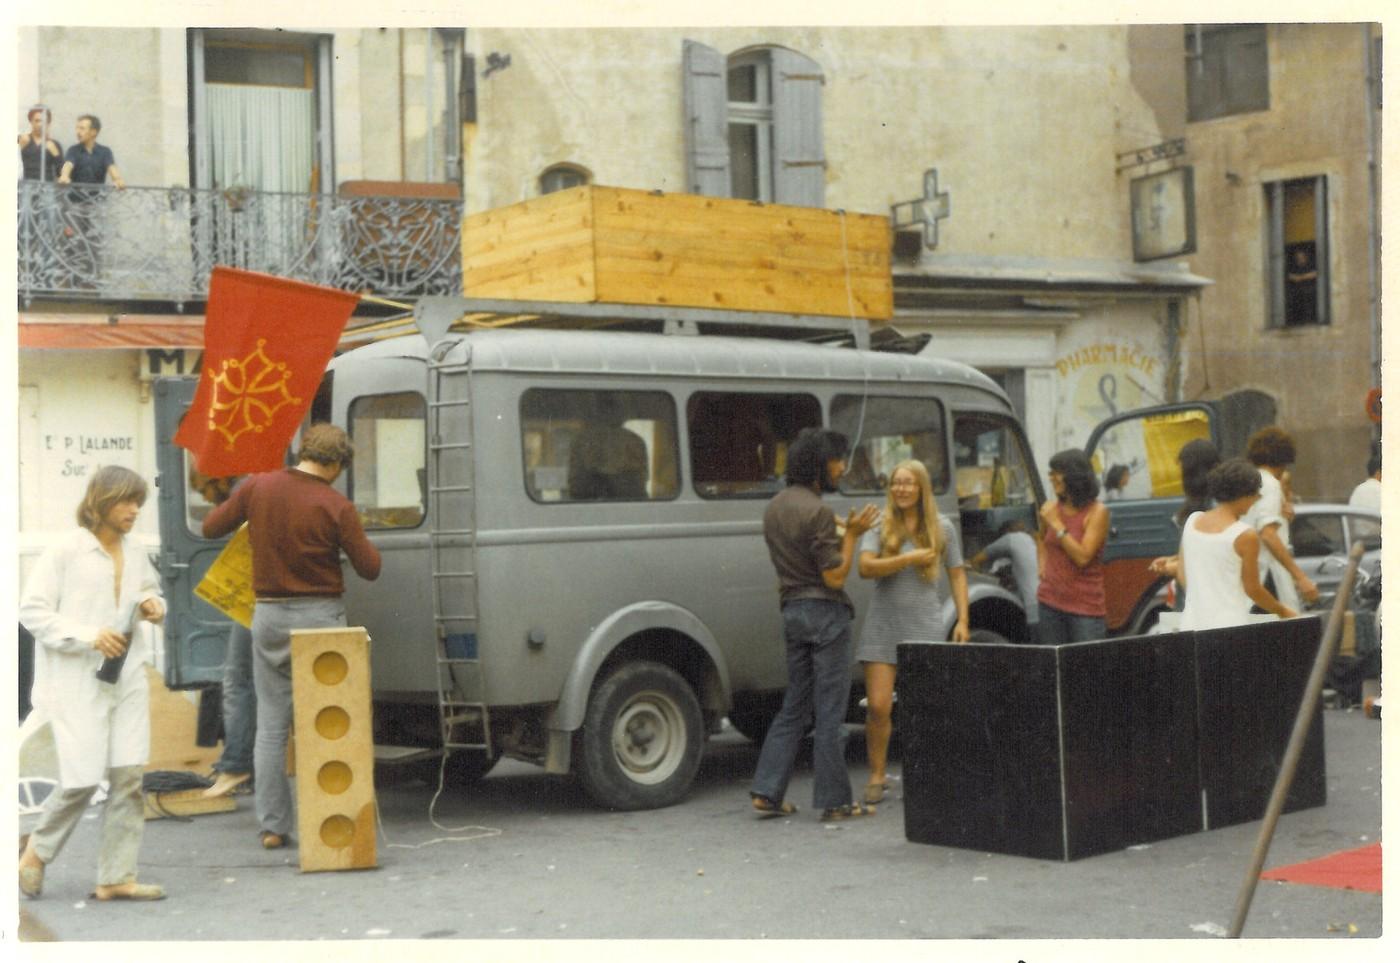 Teatre de la Carrièra. Installation pour une représentation de Mort et Résurrection de M. Occitania. Bédarieux, 1970.